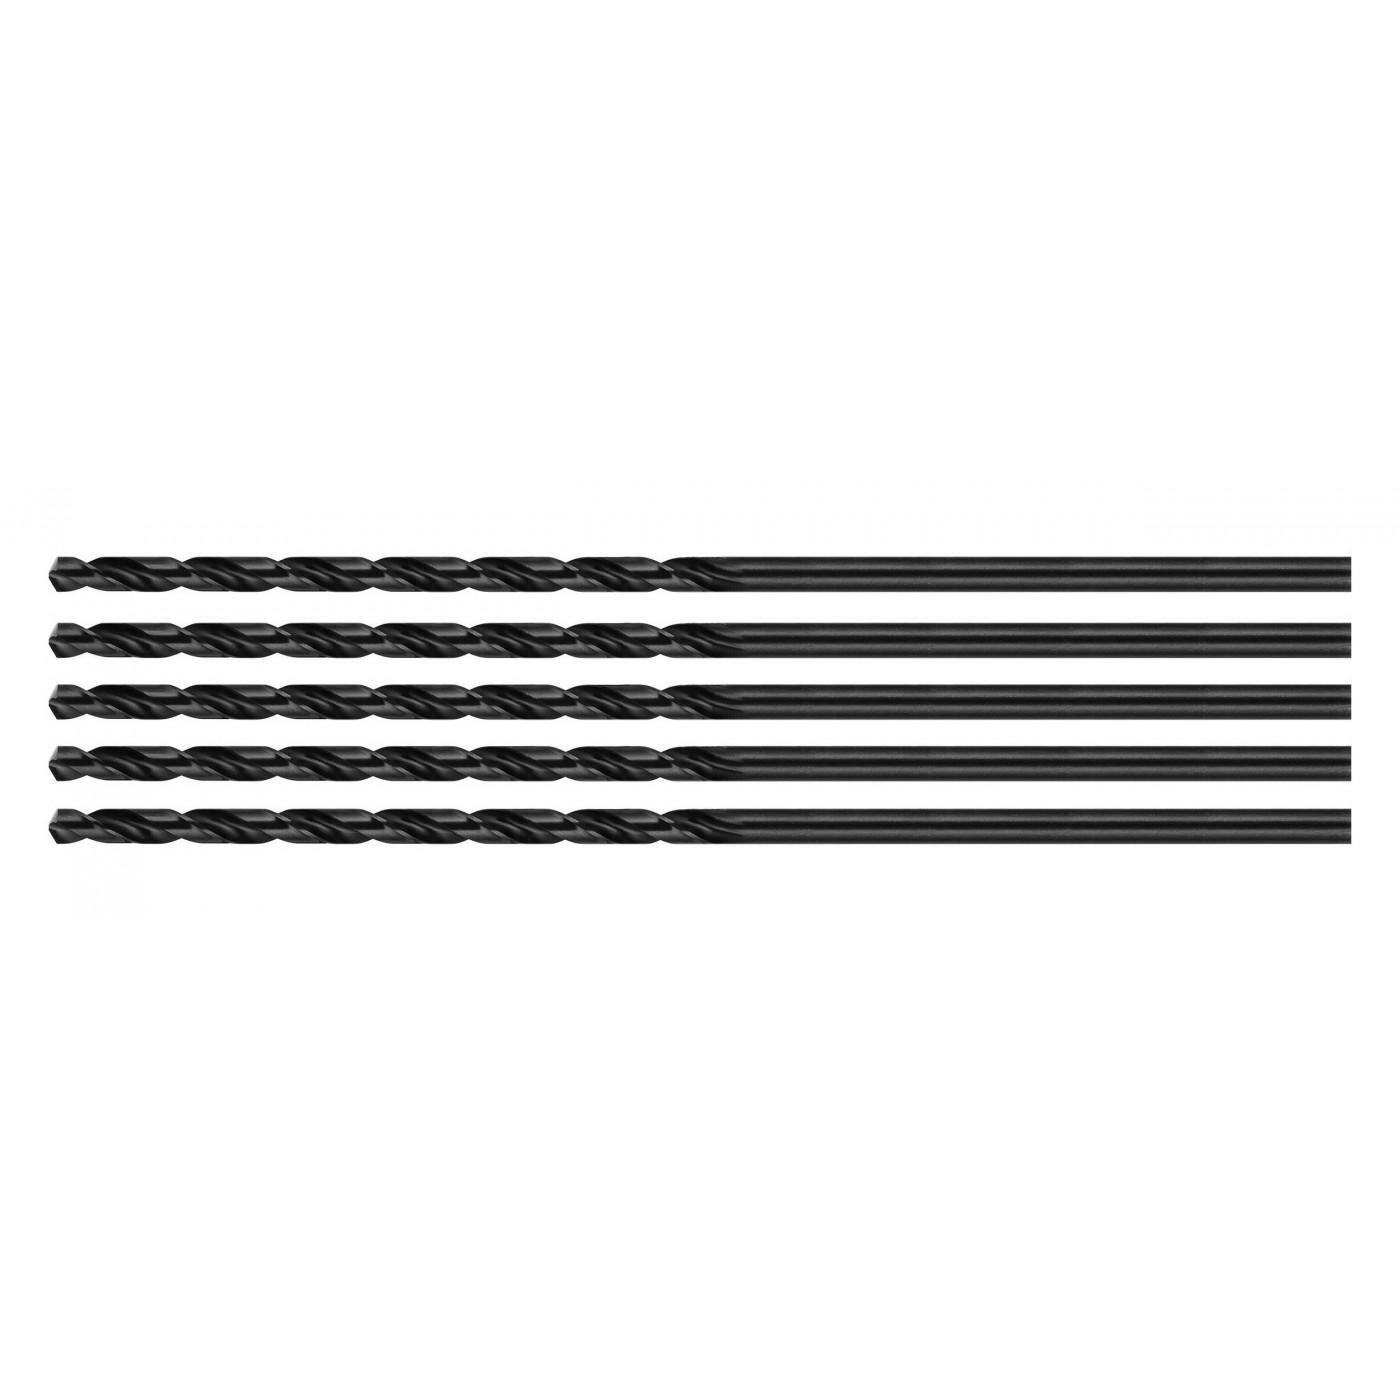 Set of 5 metal drill bits (HSS, 5.5x100 mm)